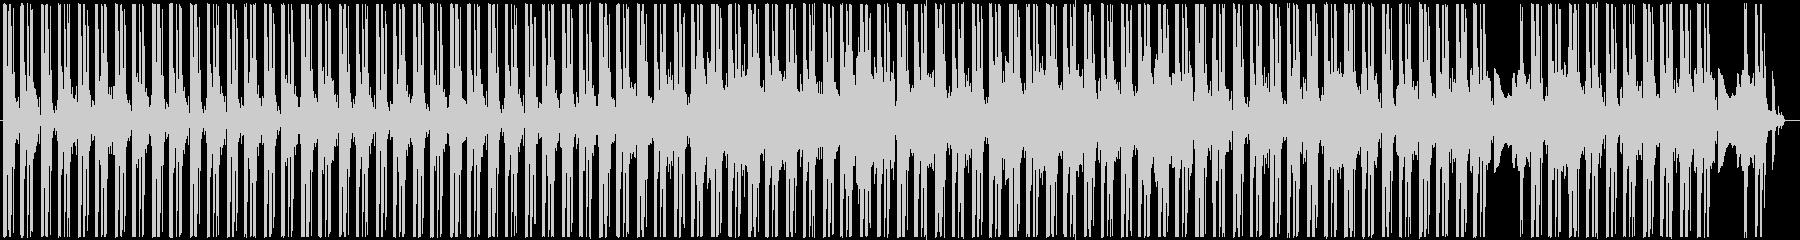 ファンクバックグラウンドポップミュ...の未再生の波形